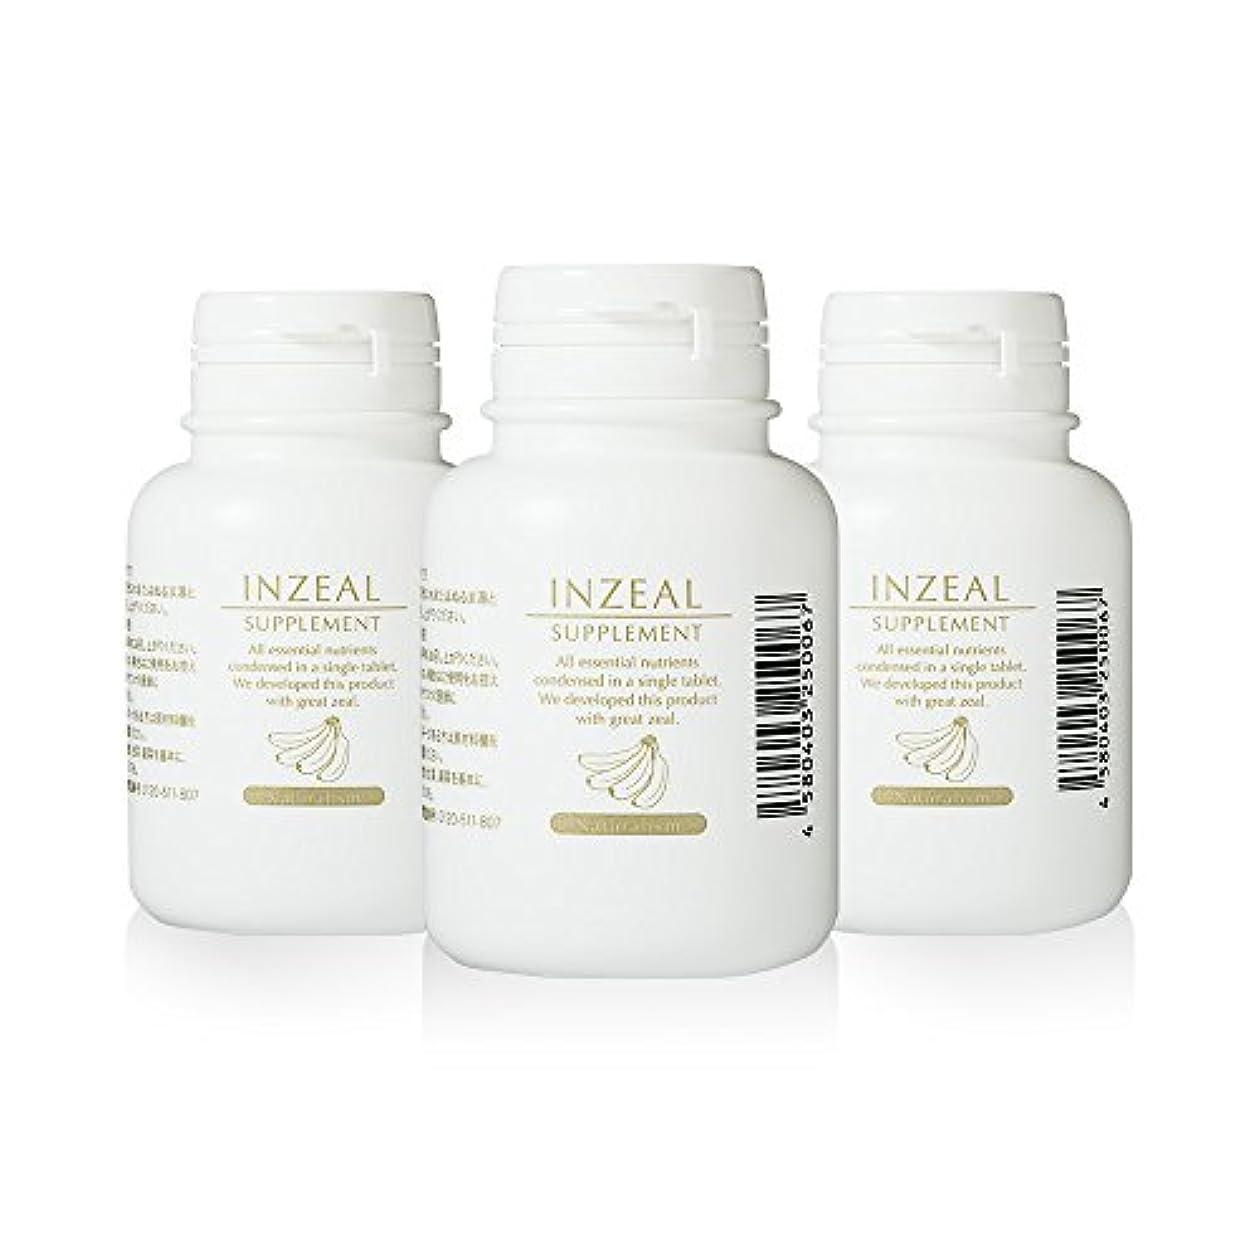 郡生炭水化物INZEAL サプリメント 90粒 3本セット